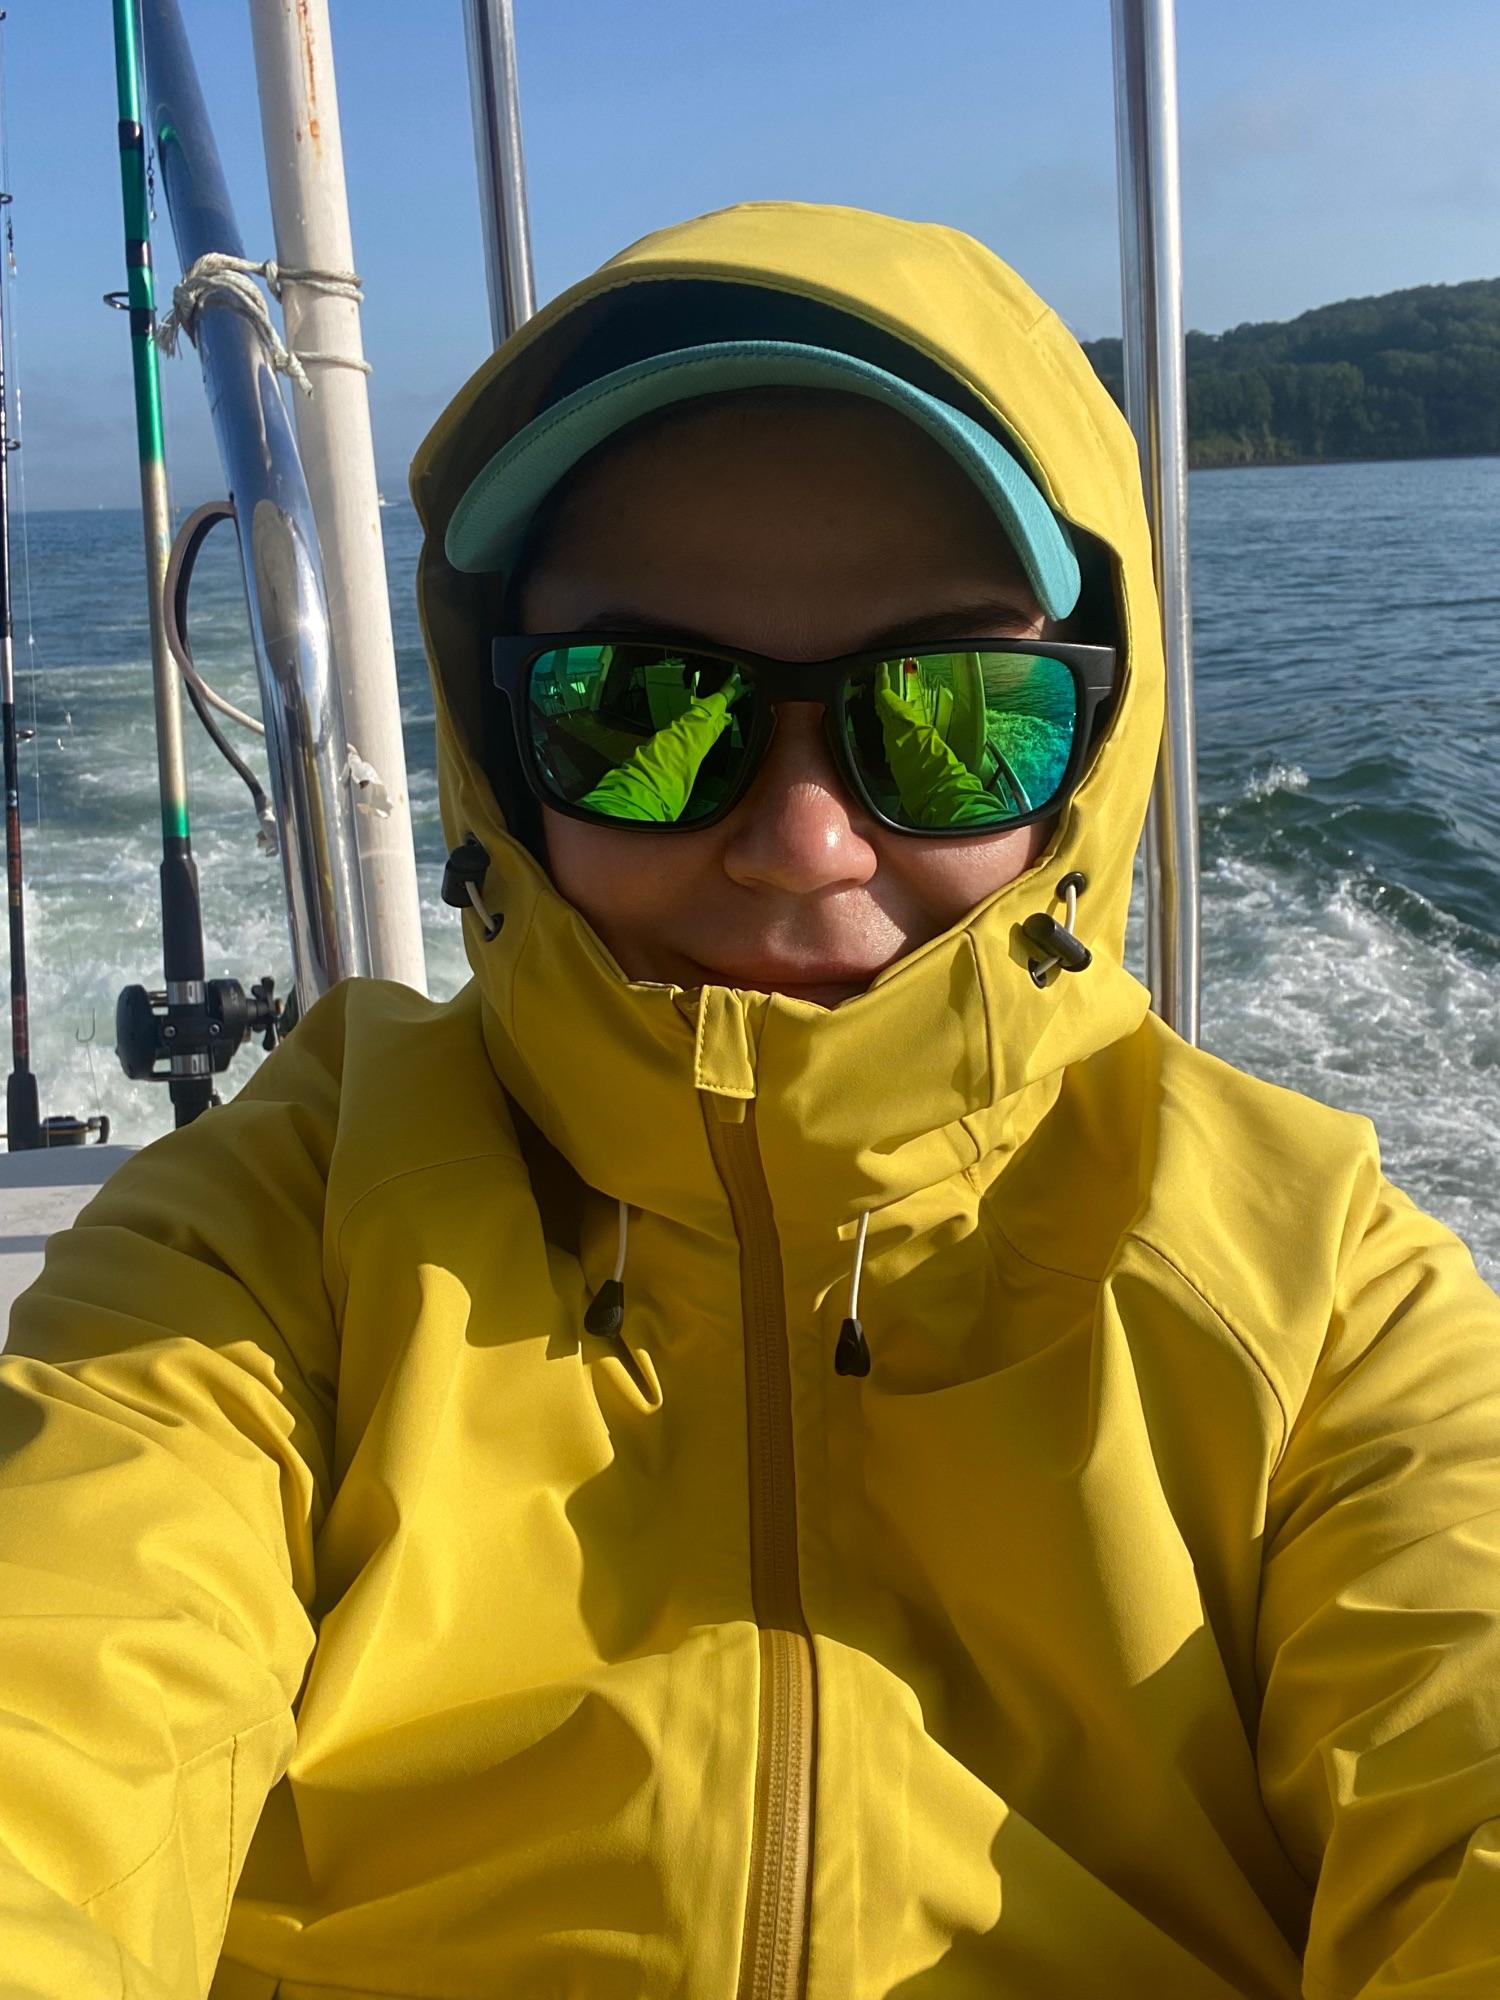 Как только вышли из бухты - сразу стало очень холодно.  Пришлось утепляться.